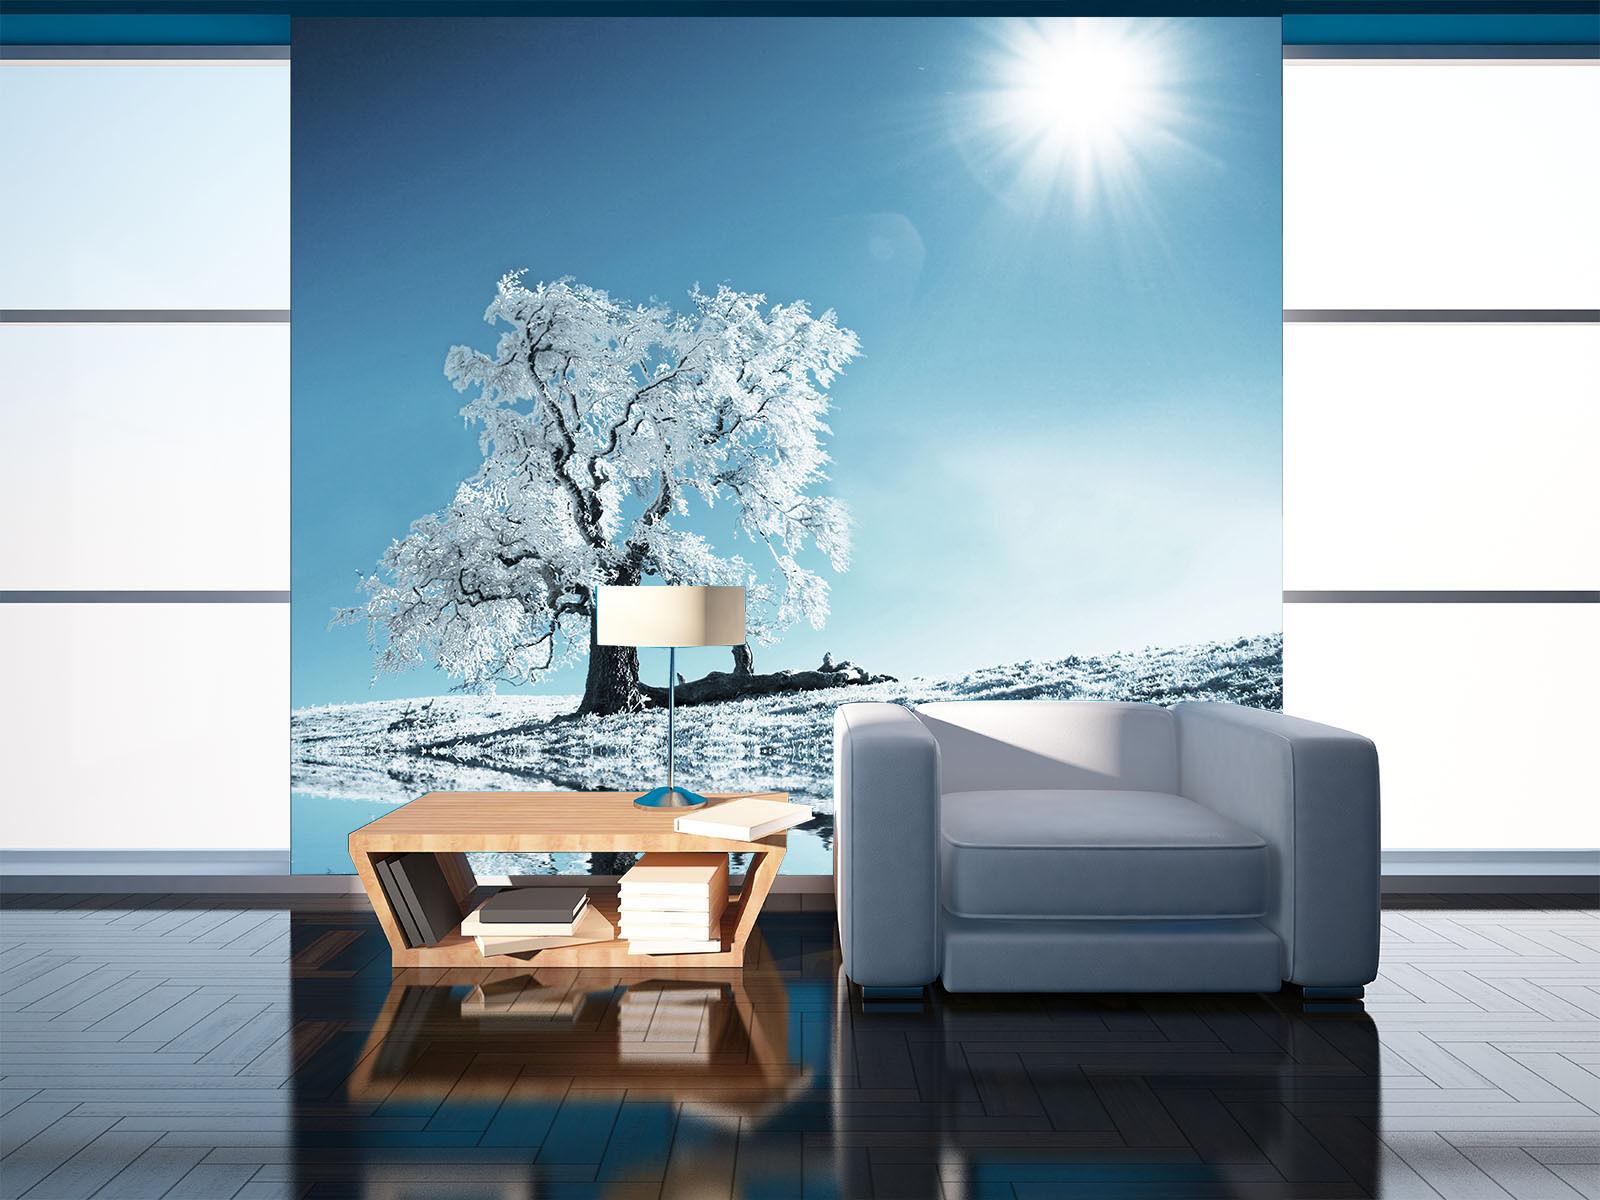 3D Weiß Snow Tree River Sun 07 Wall Paper Wall Print Decal Wall AJ WALLPAPER CA